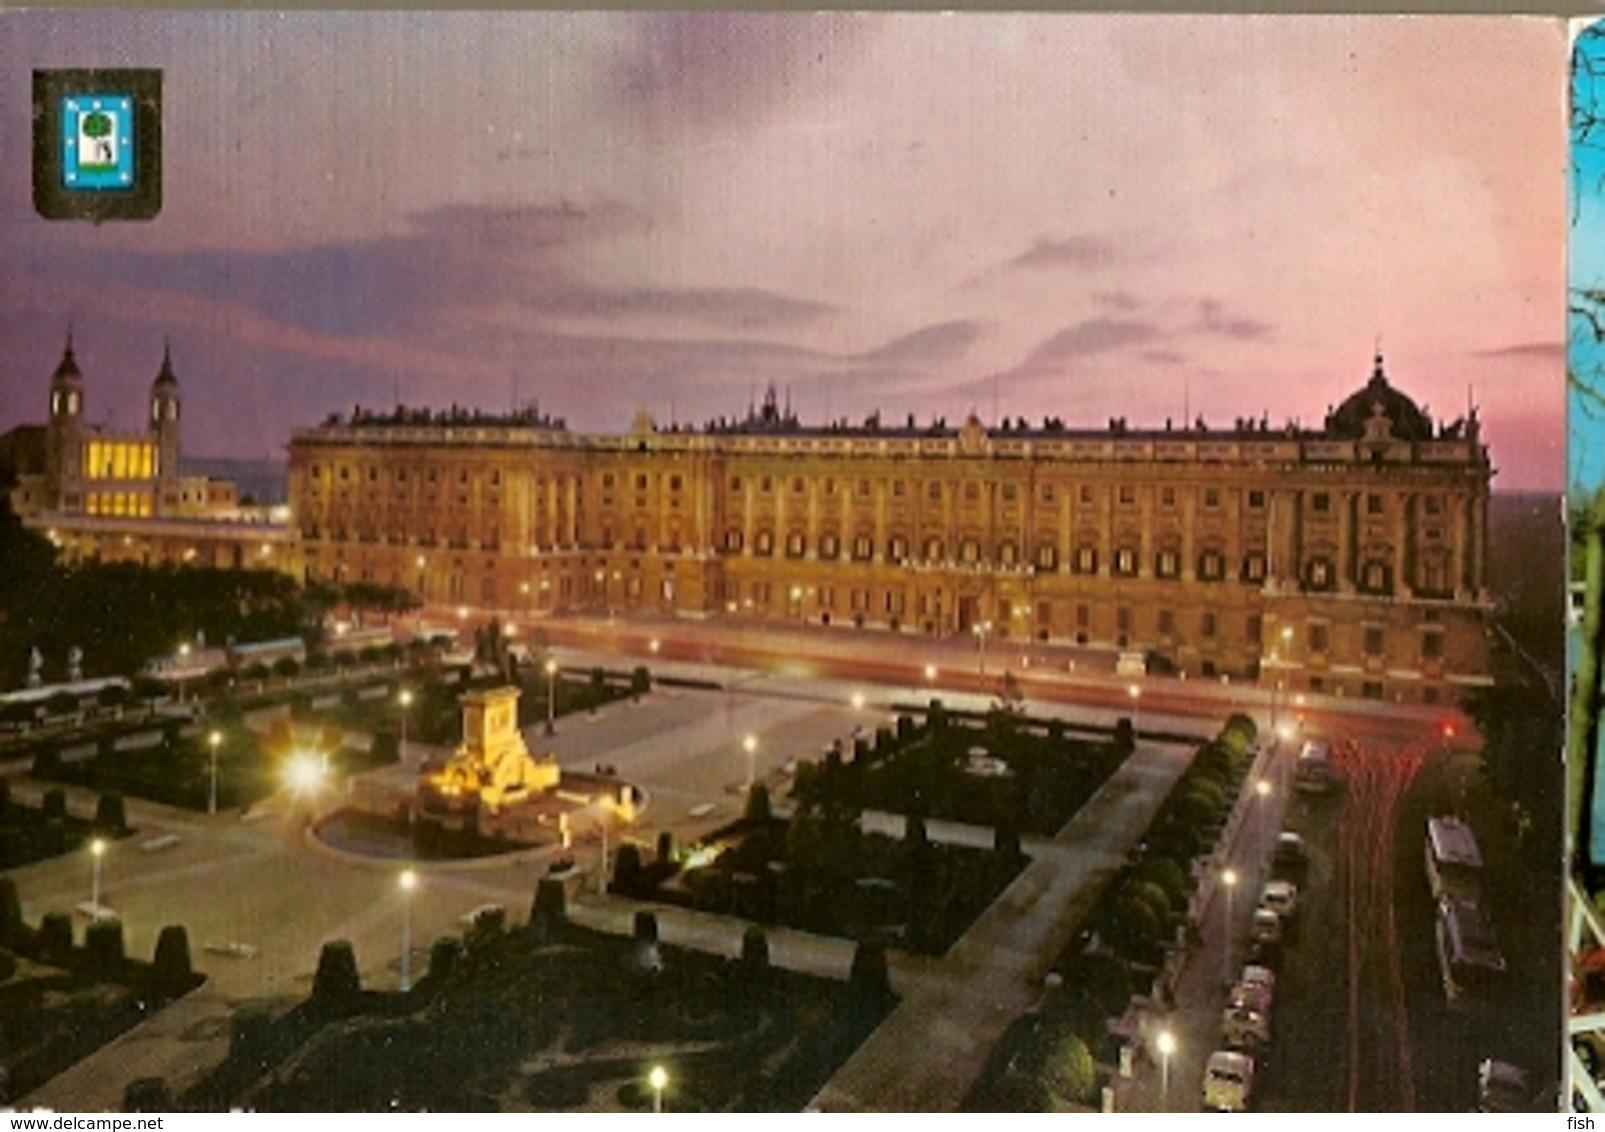 Spain  & Circulated,  Plaza De Oriente Y Palacio Real, Madrid, Midões Portugal 1971 (132) - Monuments